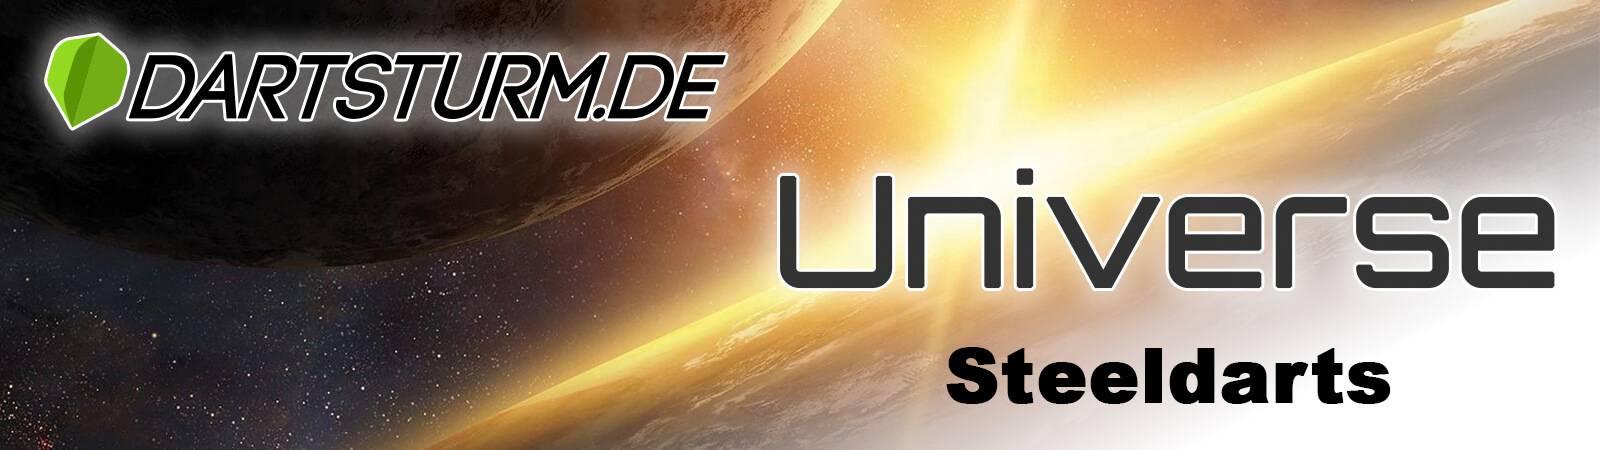 DartSturm.de Universe Steeldarts